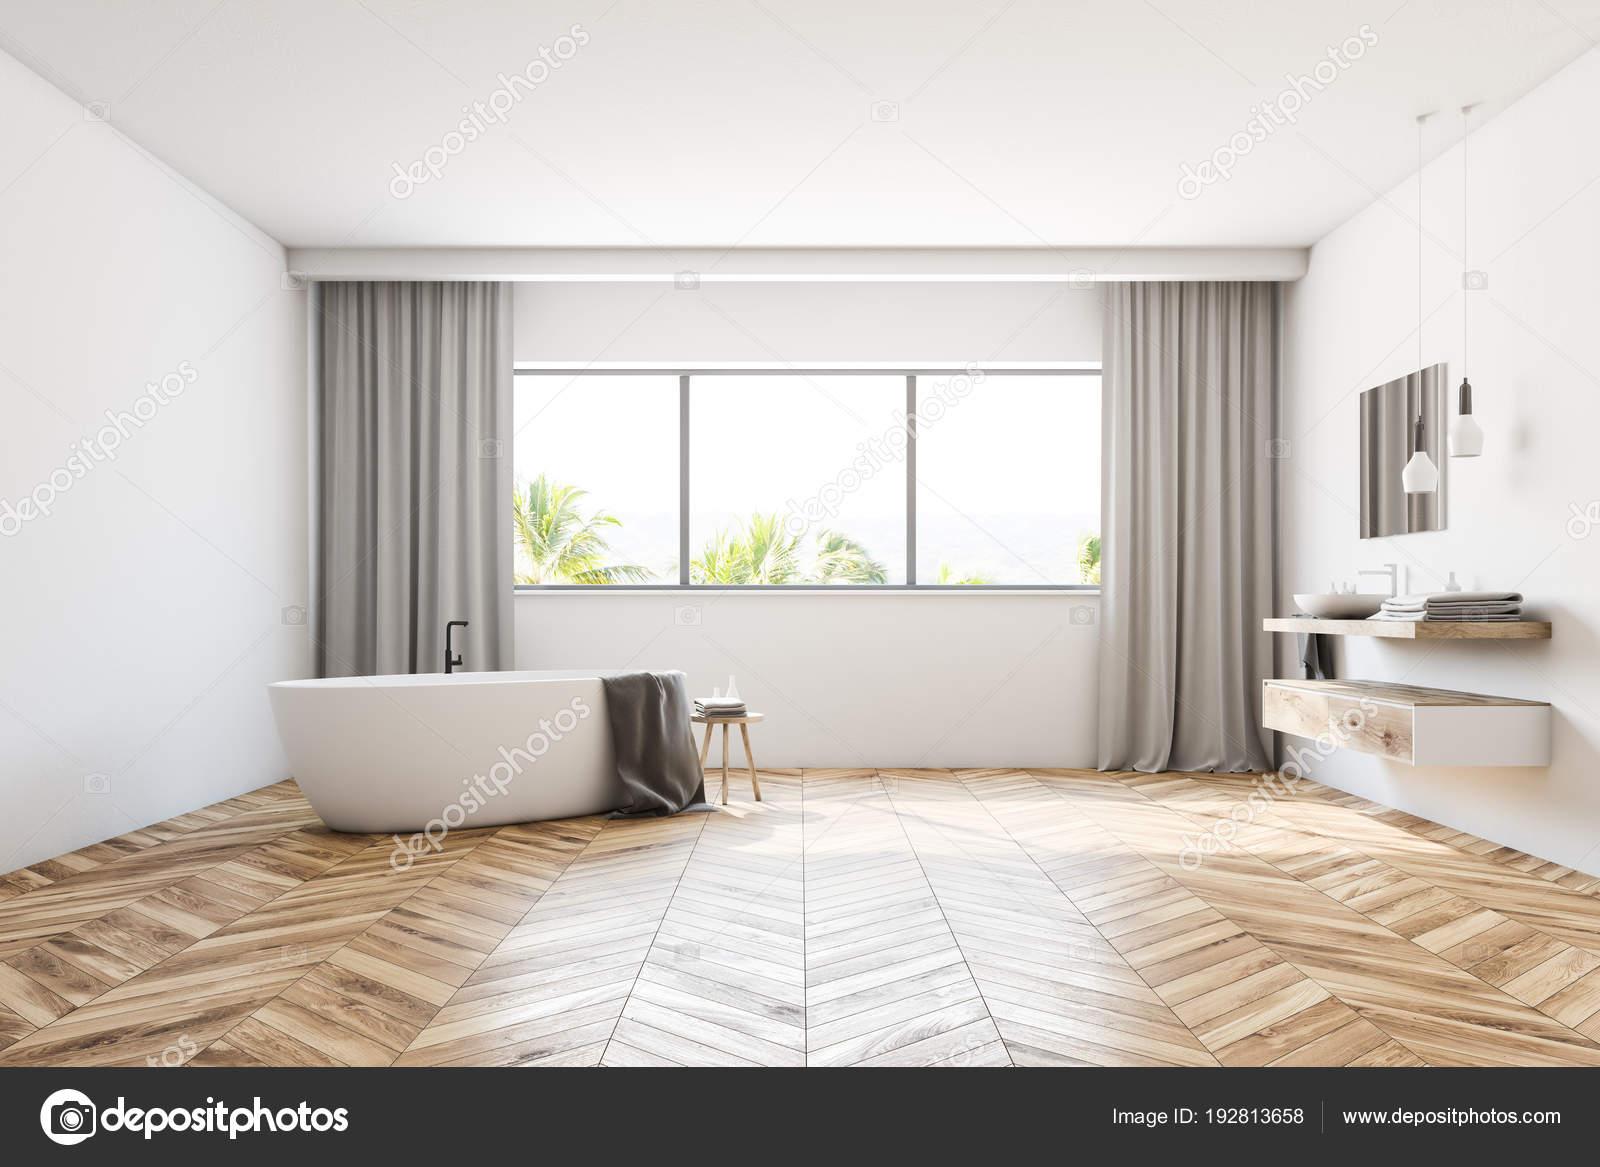 Gordijnen Voor Badkamer : Witte badkamer met gordijnen u stockfoto denisismagilov